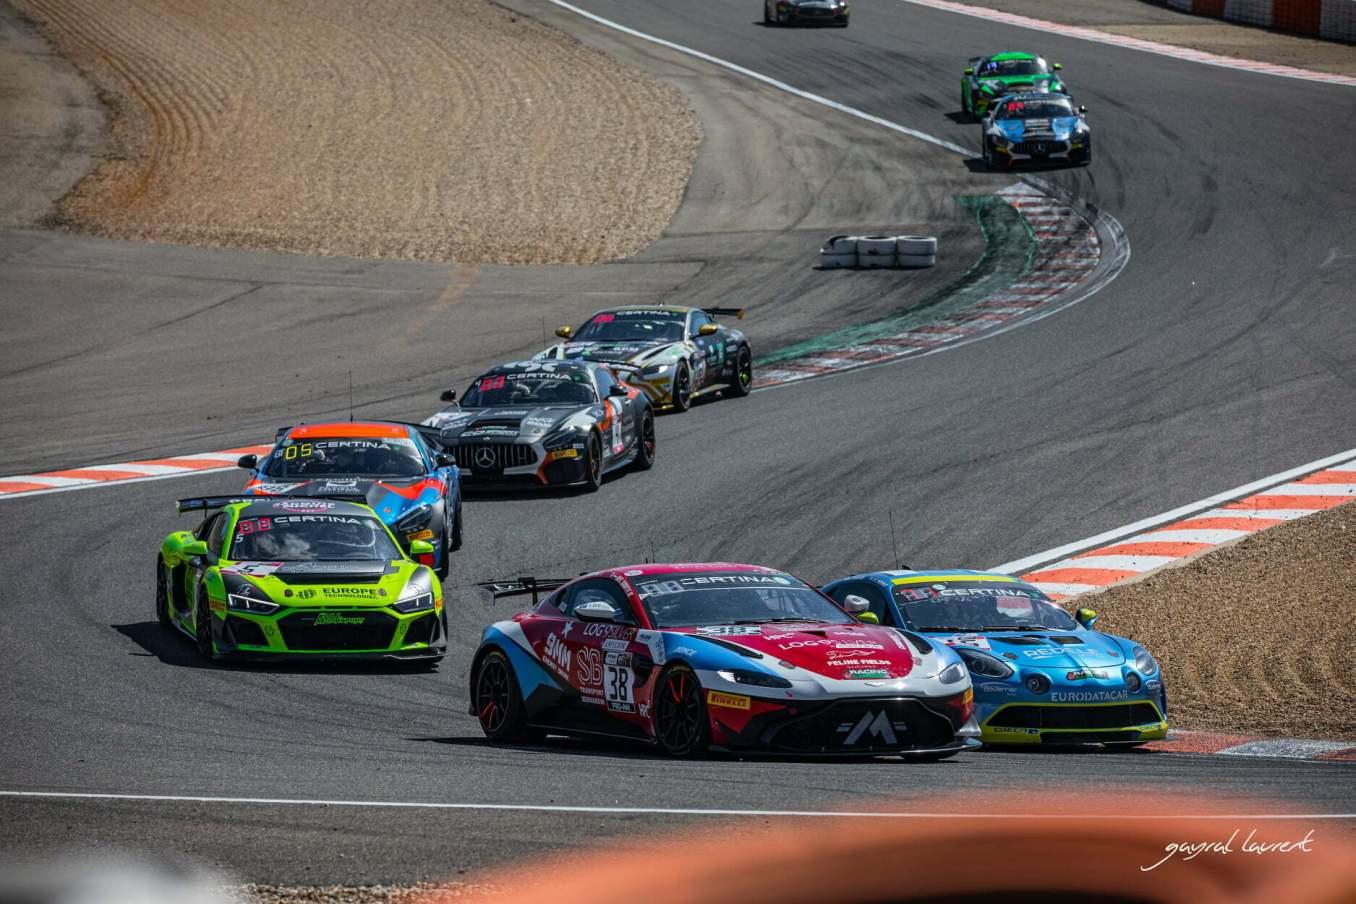 FFSA GT4 Alpine A110 Prost Redele Servol Ledenon 2021 29 | FFSA GT : Victoire en Pro-Am de Servol et Prost en Alpine A110 GT4